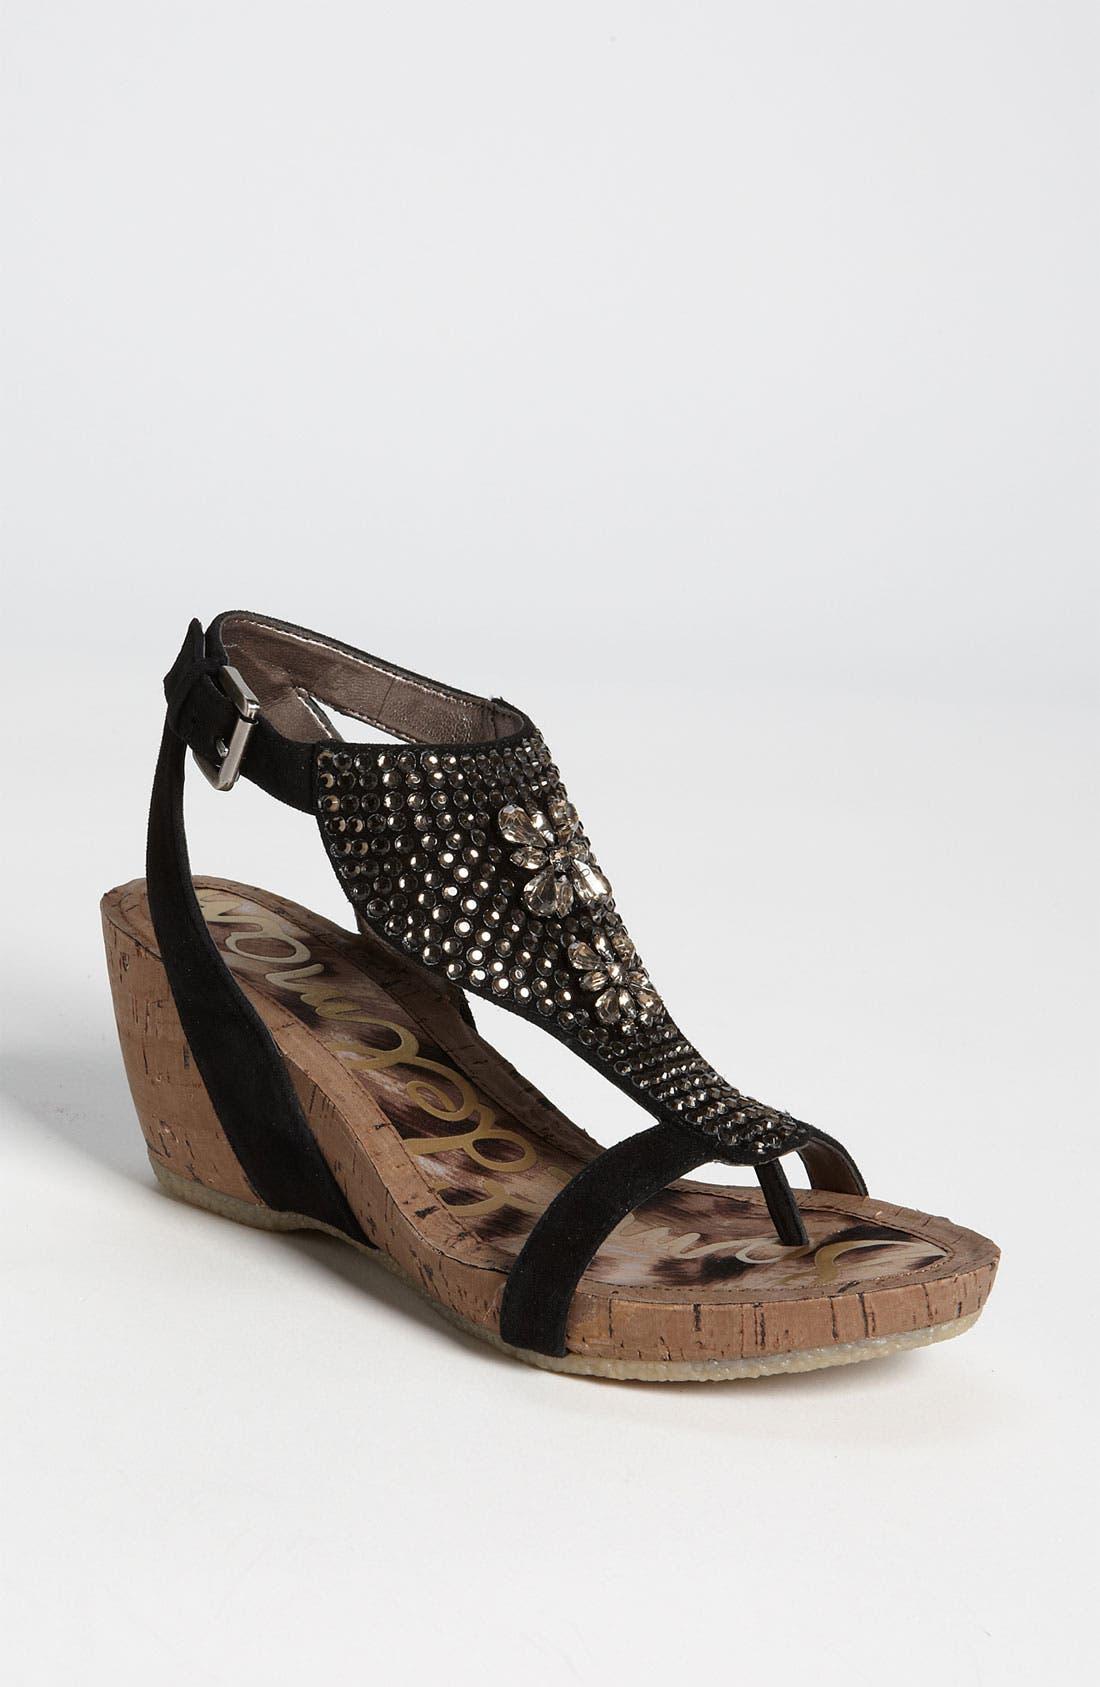 Main Image - Sam Edelman 'Neva' Sandal